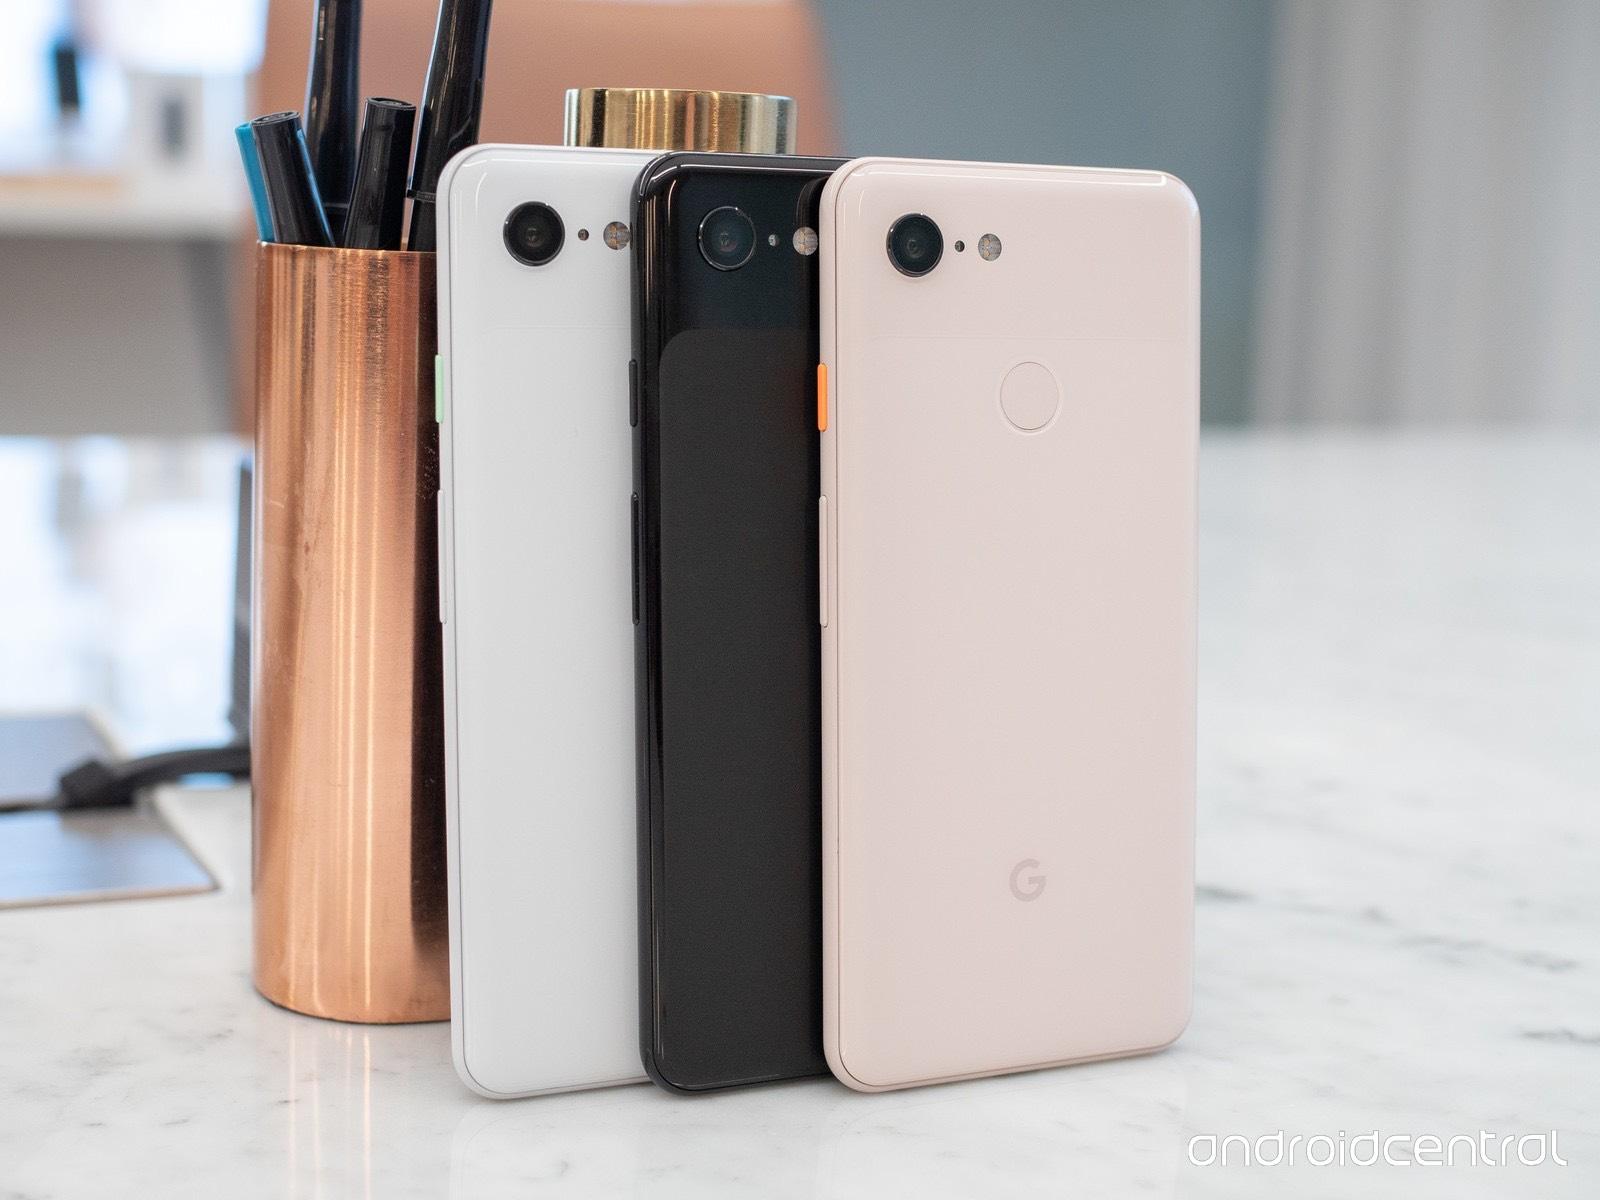 Google Pixel 3 (ab 583€) und 3 XL 64 (ab 680€) in allen Farben!